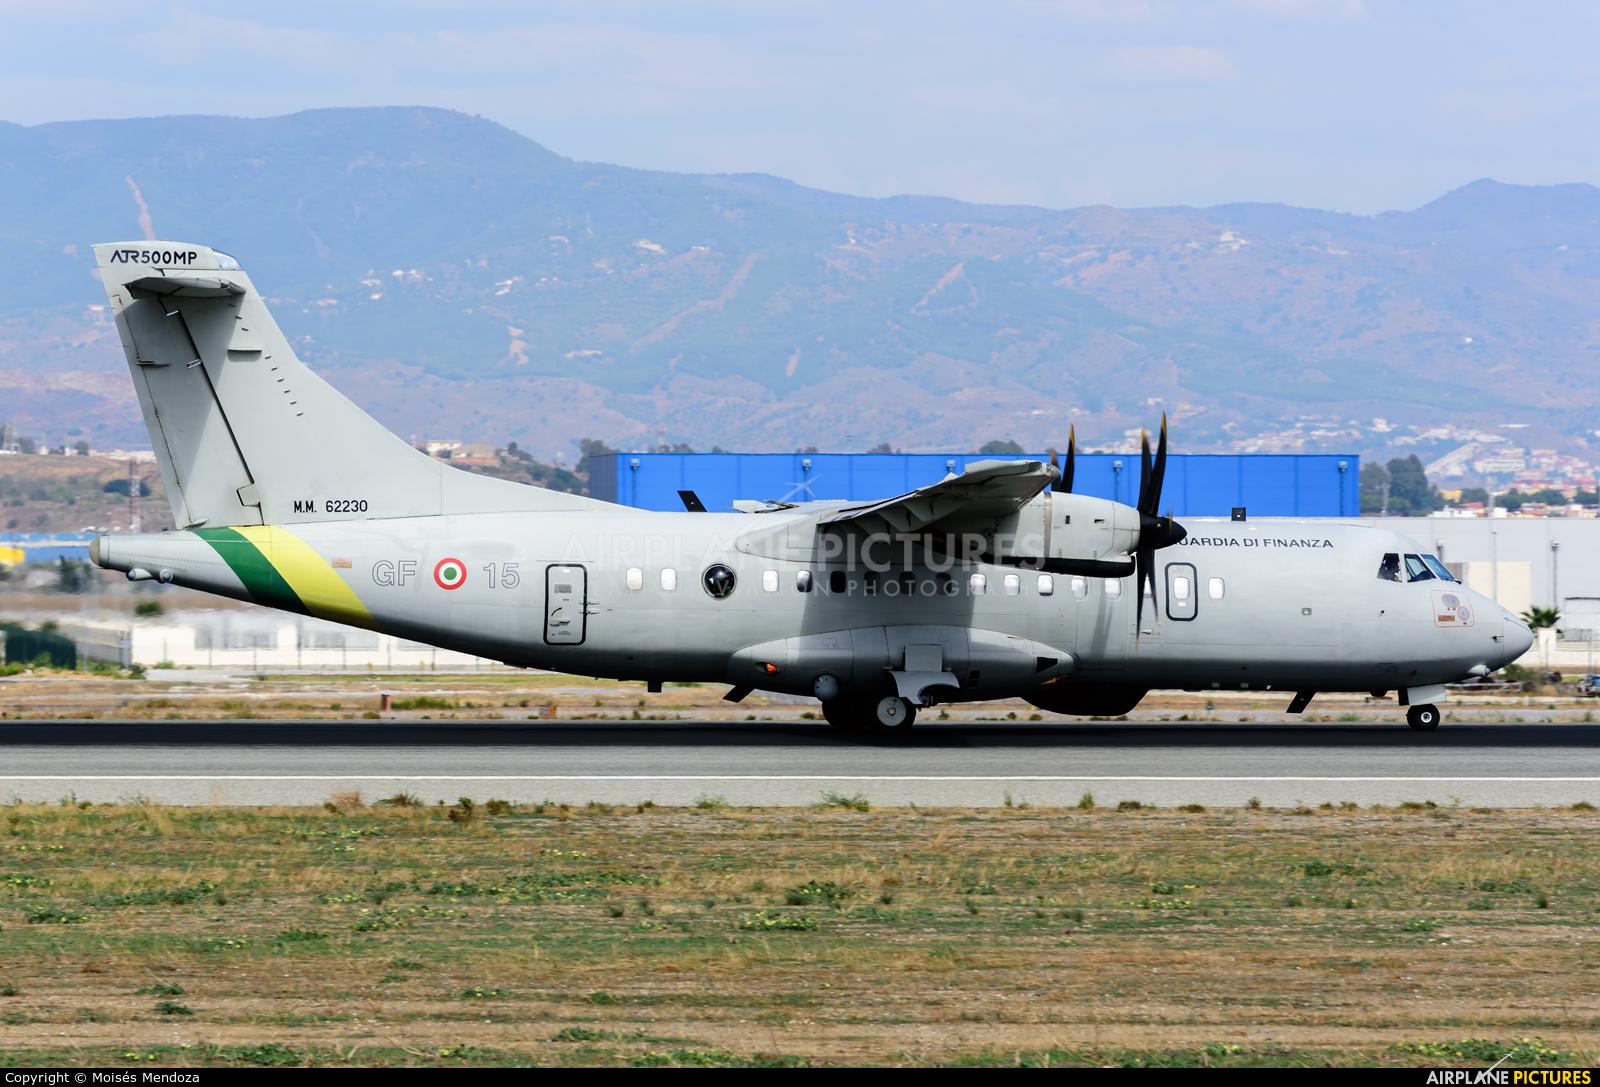 Italy - Guardia di Finanza MM62230 aircraft at Málaga